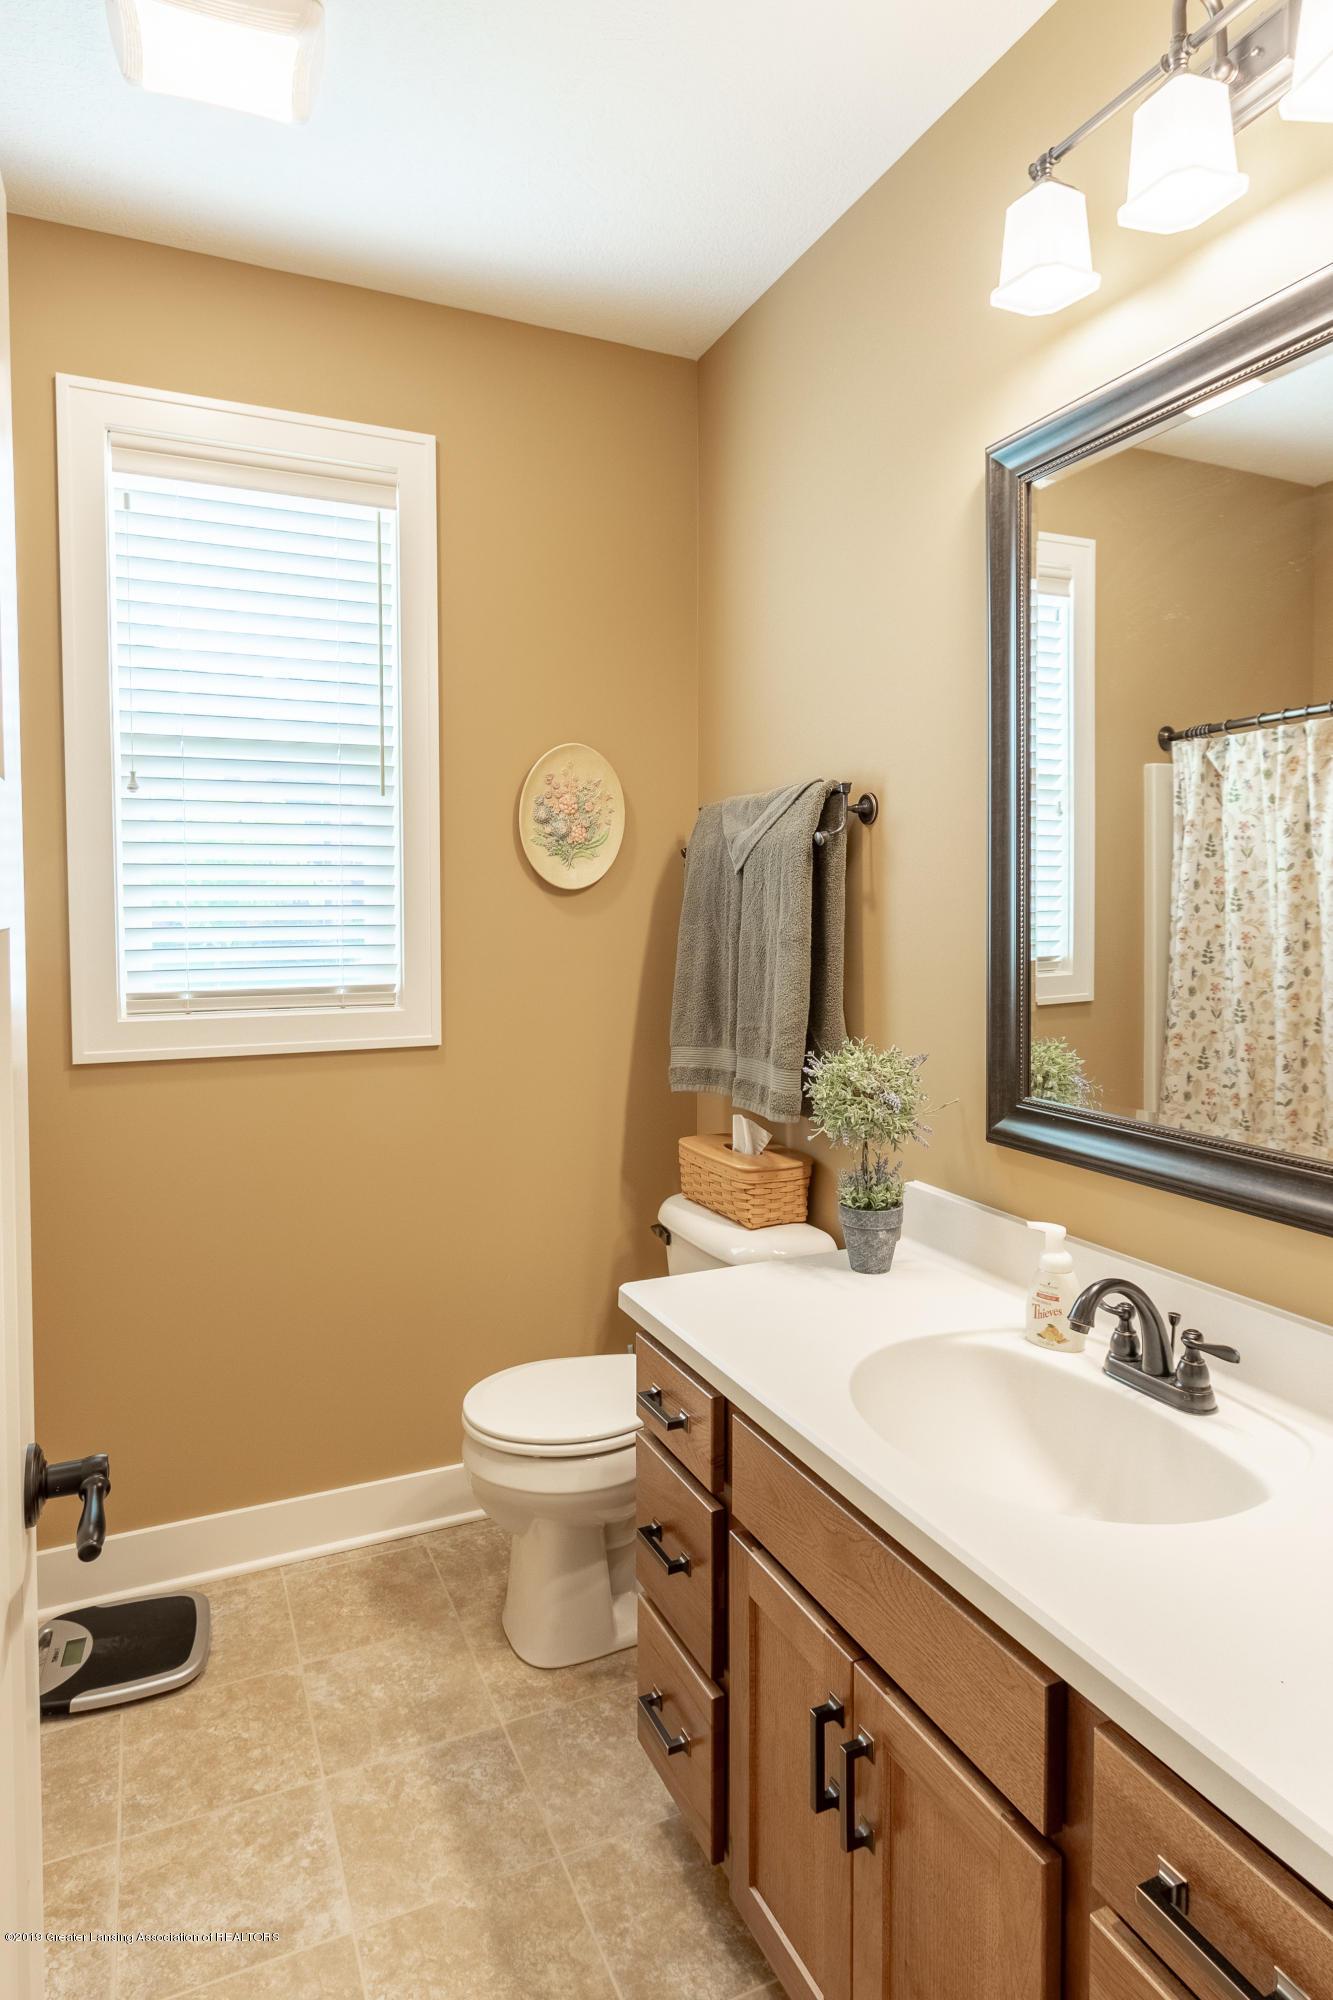 4134 E Benca Way - Full Bathroom - 26